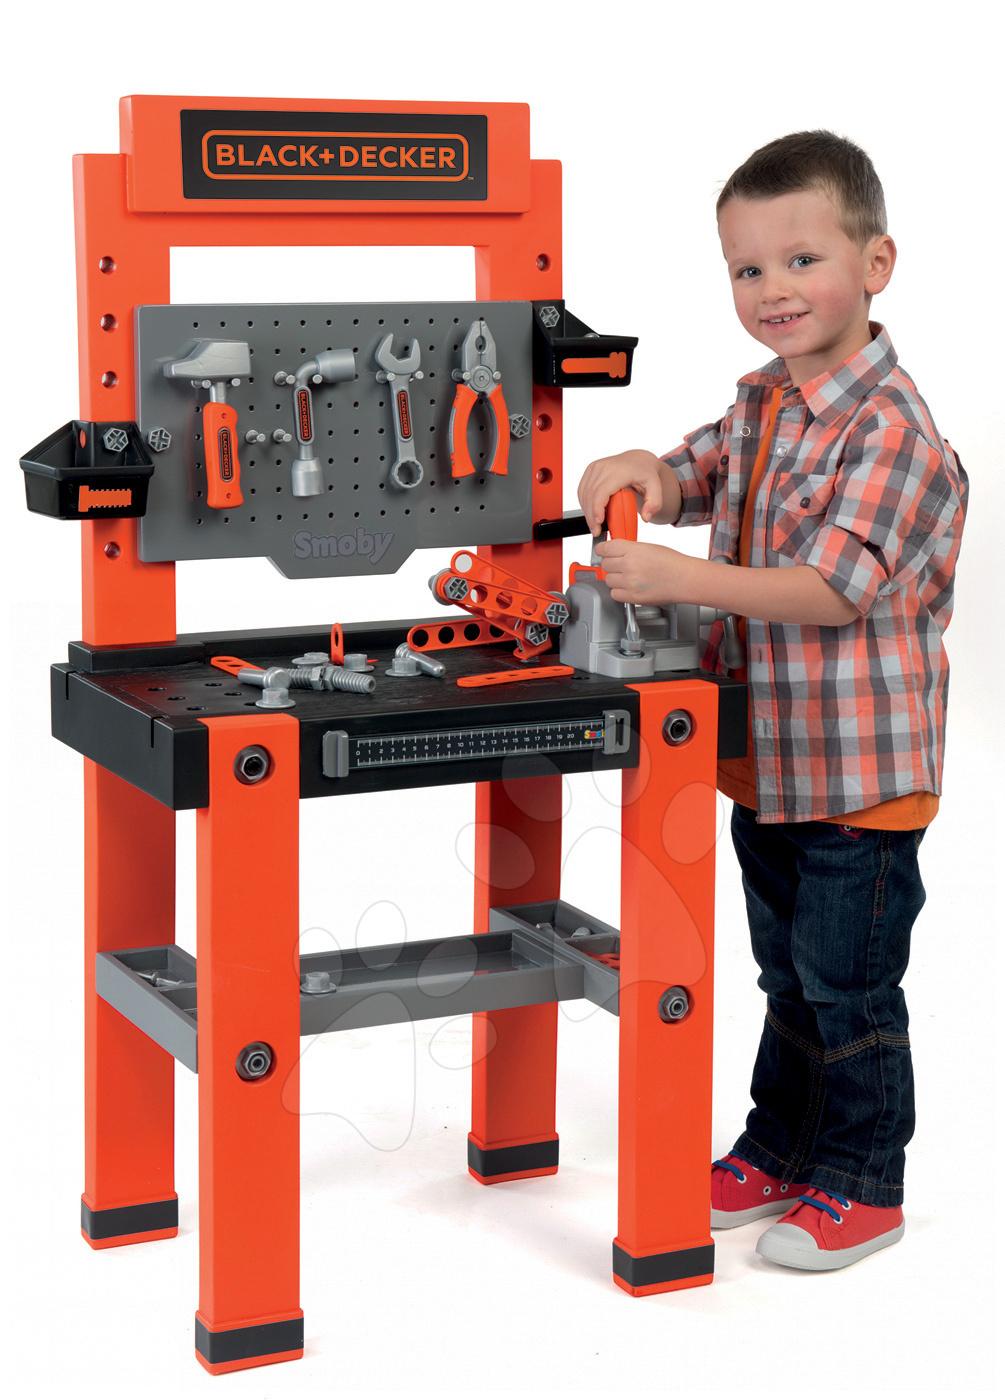 Smoby pracovná dielňa pre deti Black+Decker 360700 oranžová